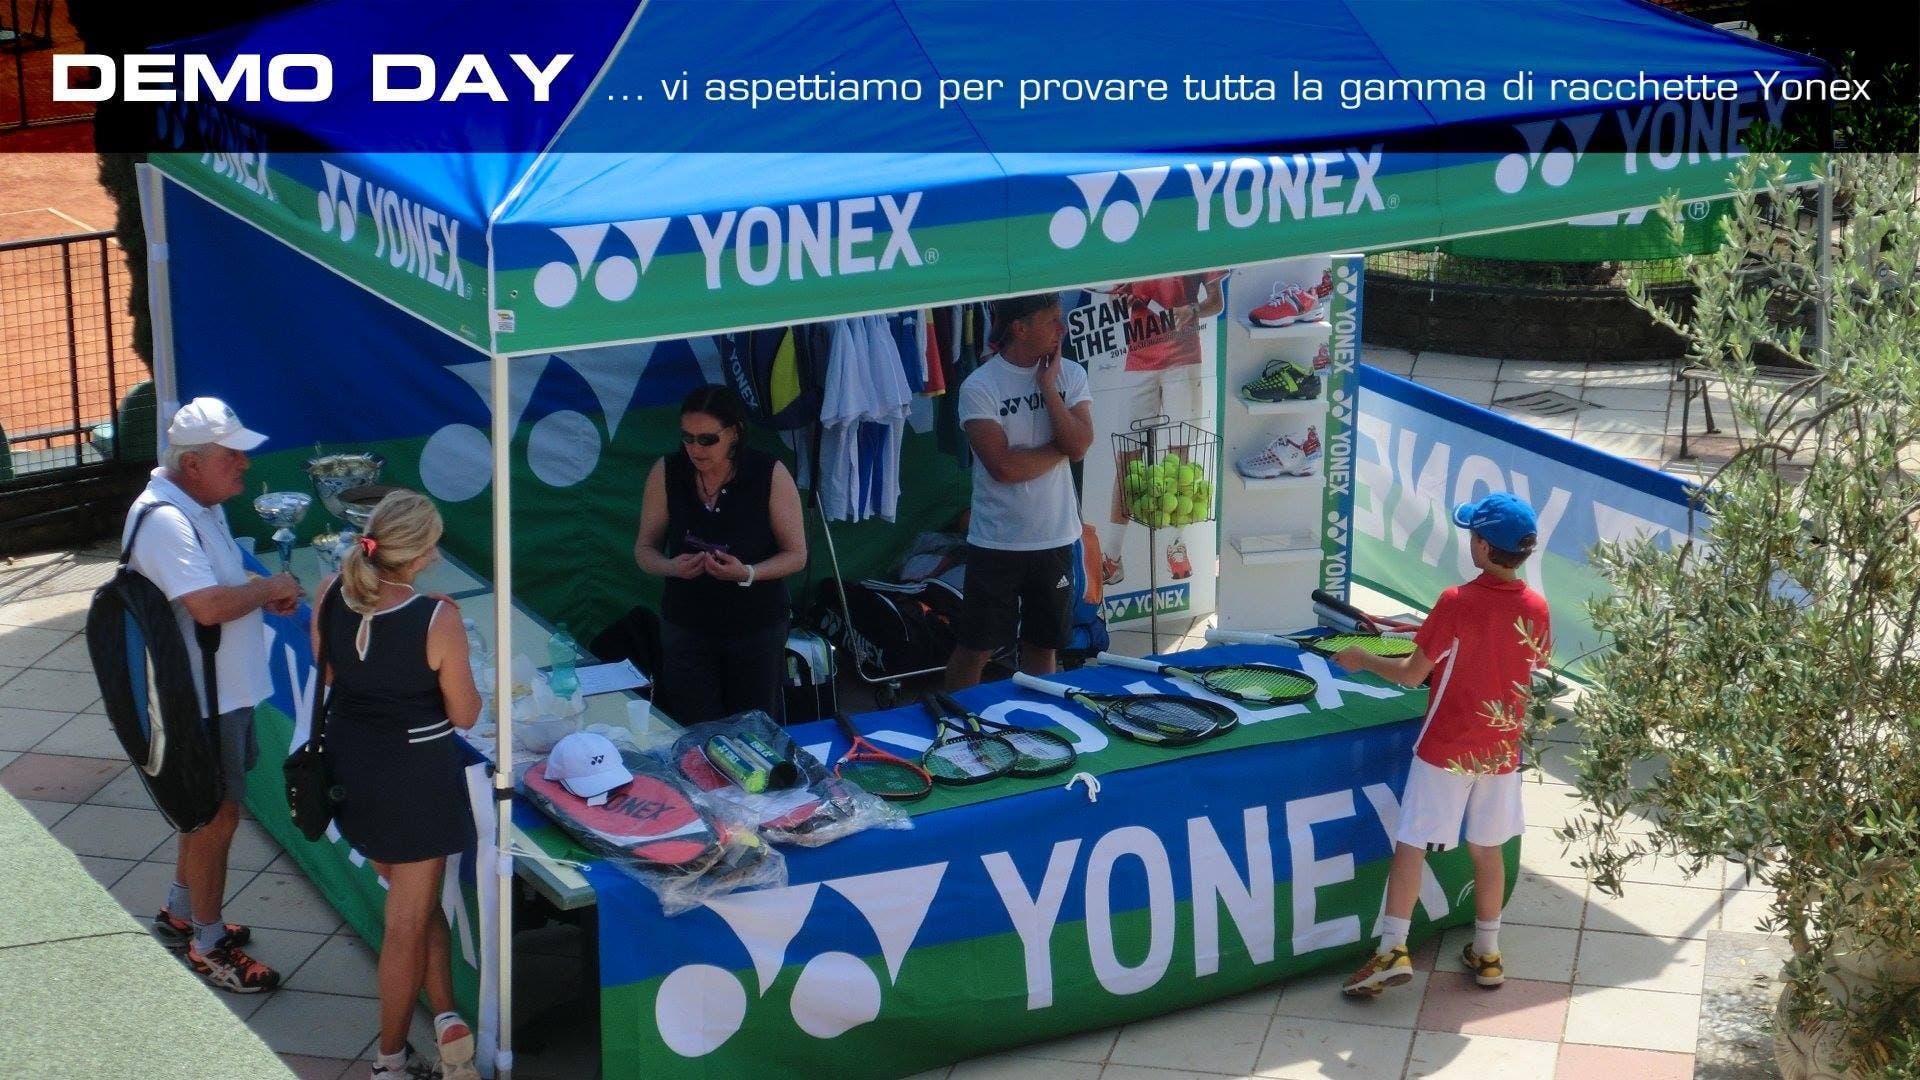 Yonex demo day a Chieti: prova tutte le nuove racchette Yonex